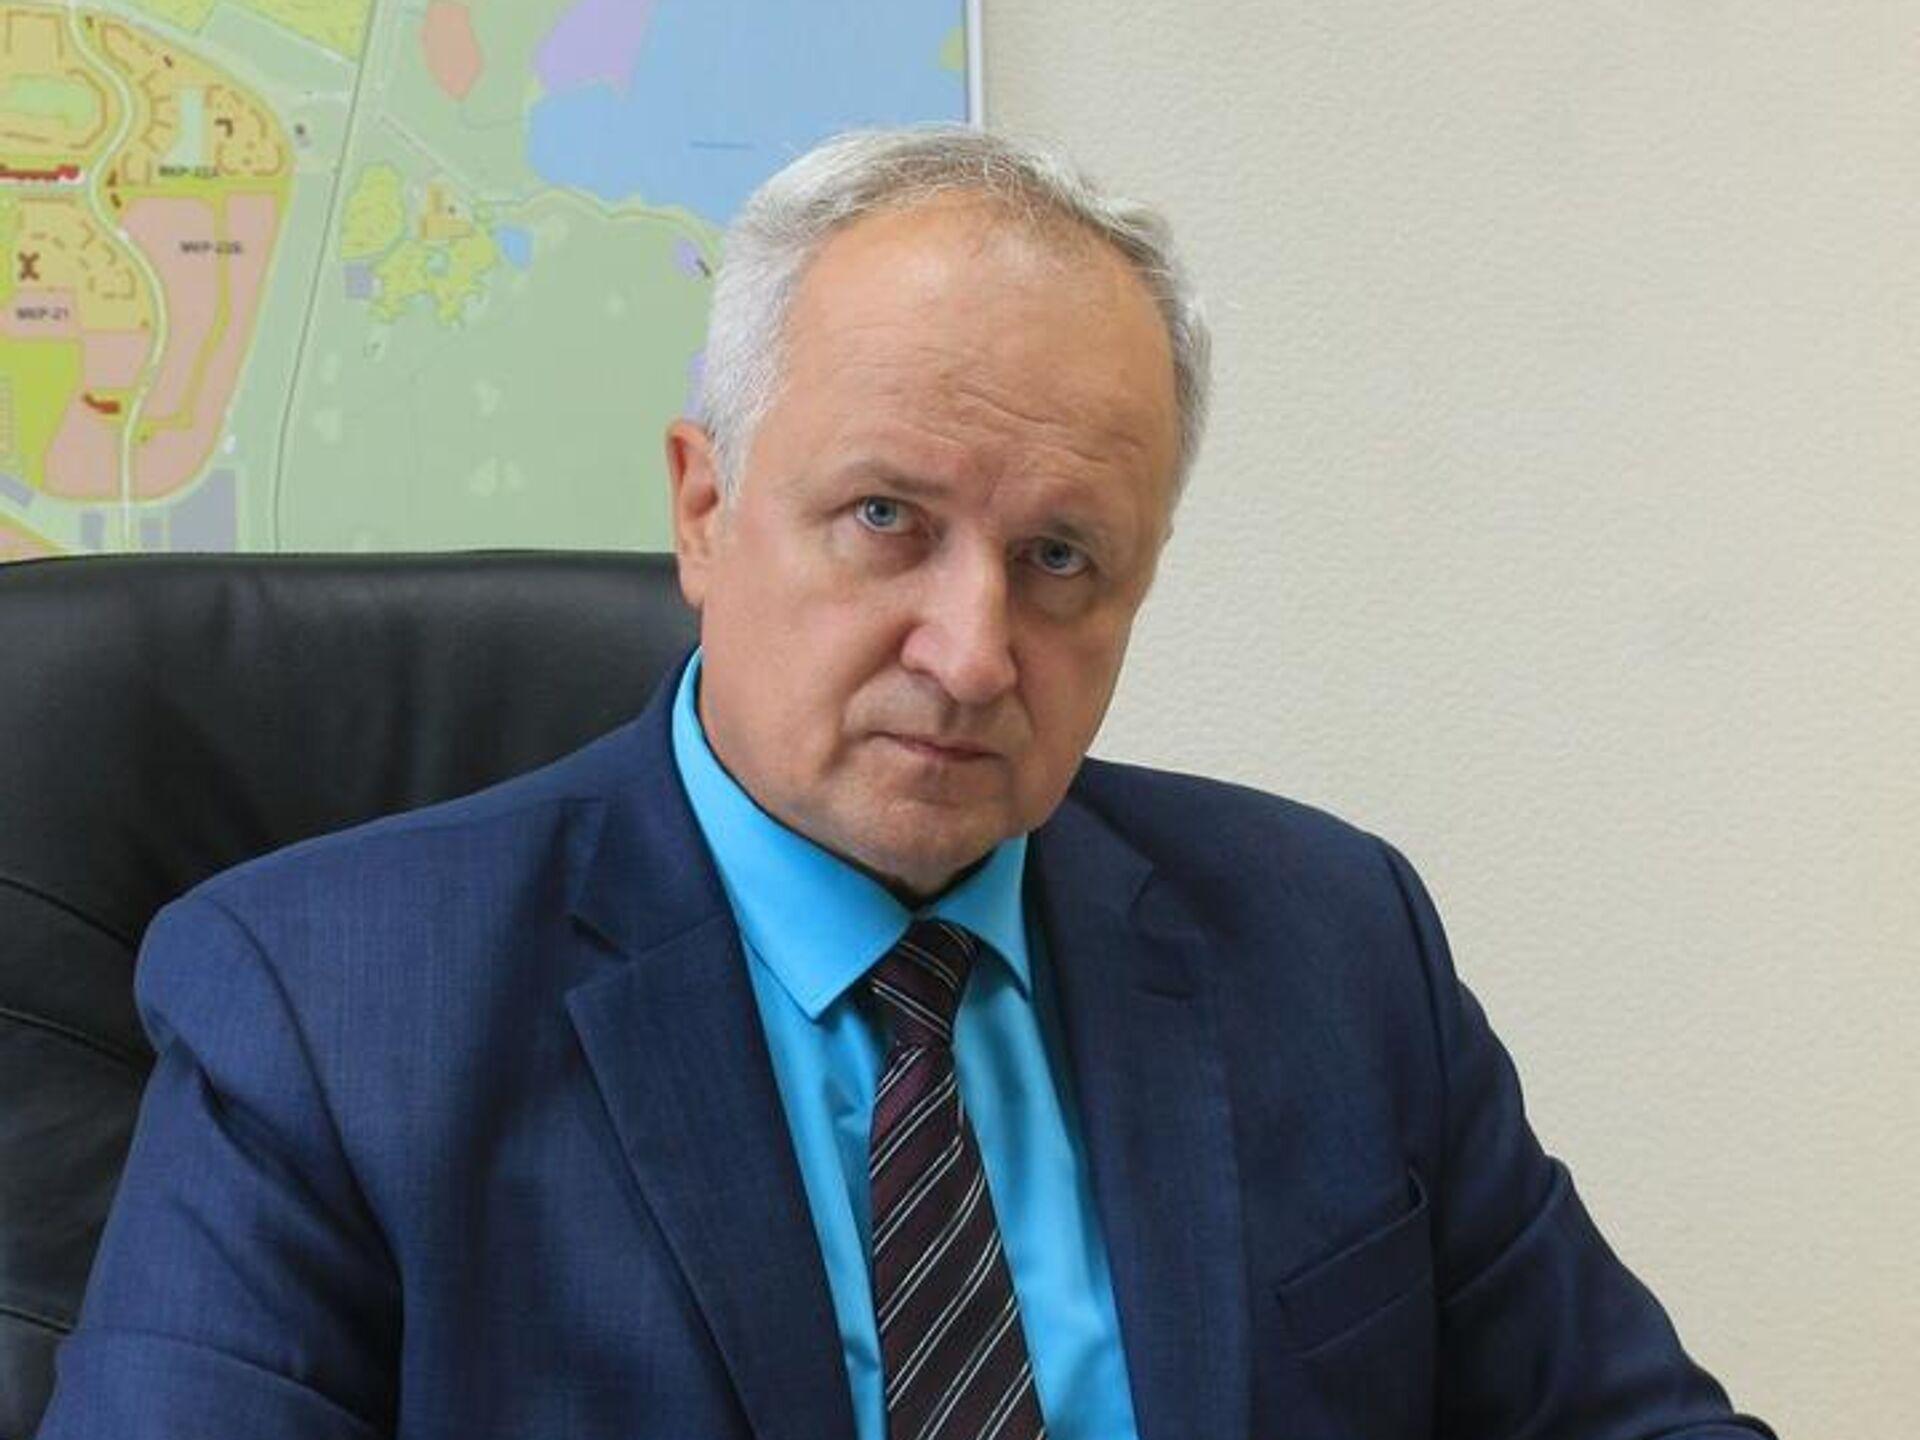 В СК раскрыли обстоятельства смерти заместителя главы Новоуральска - РИА  Новости, 30.11.2020